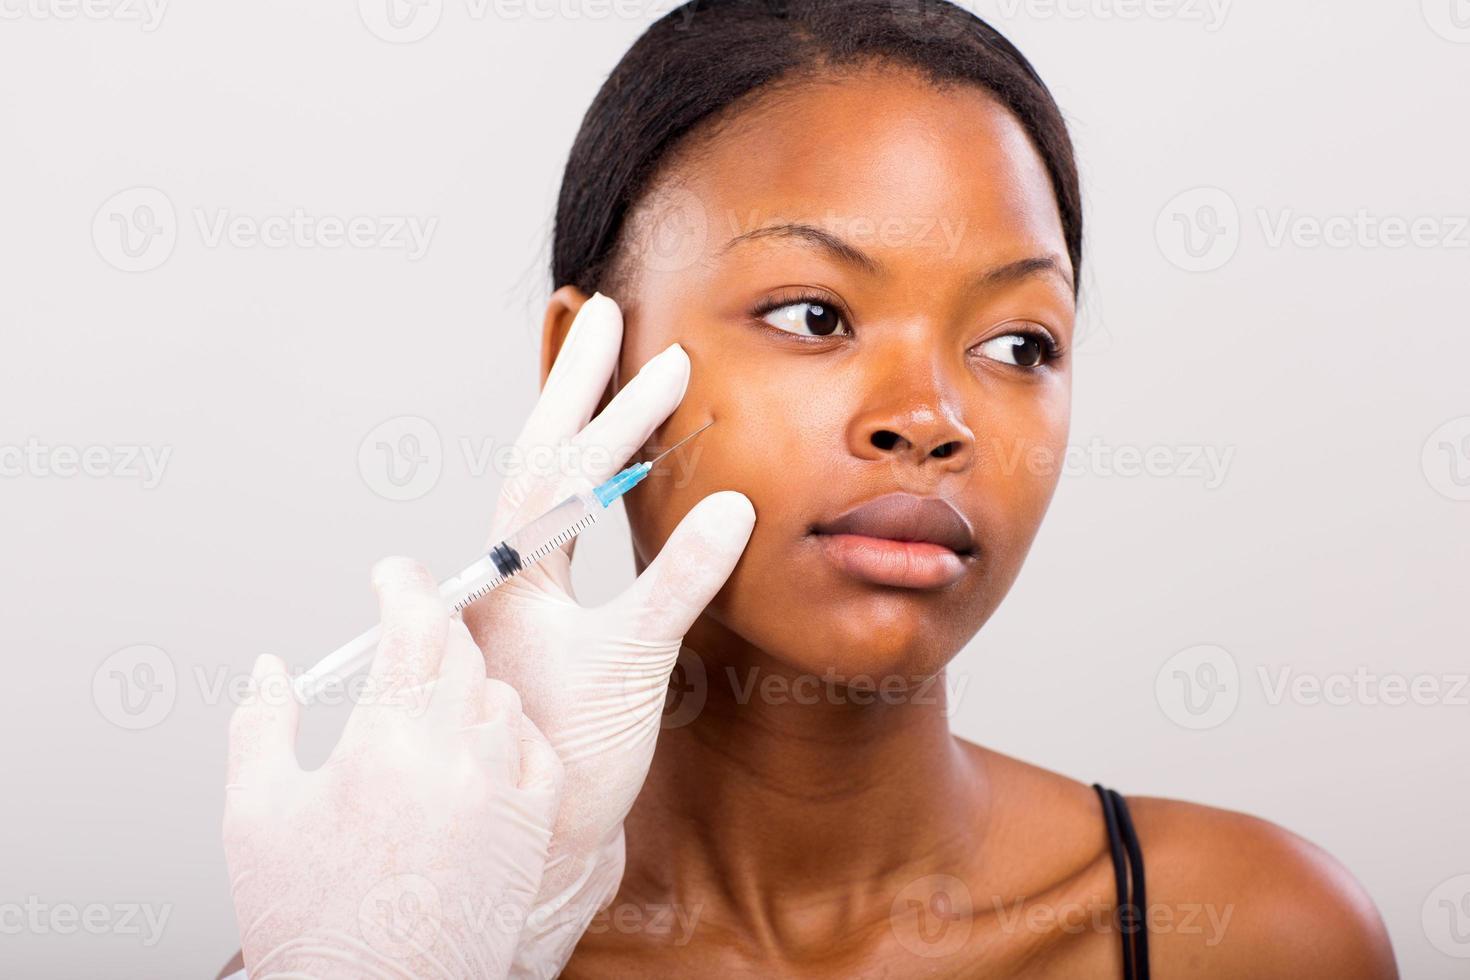 medico che fa l'iniezione di lifting facciale della giovane donna foto